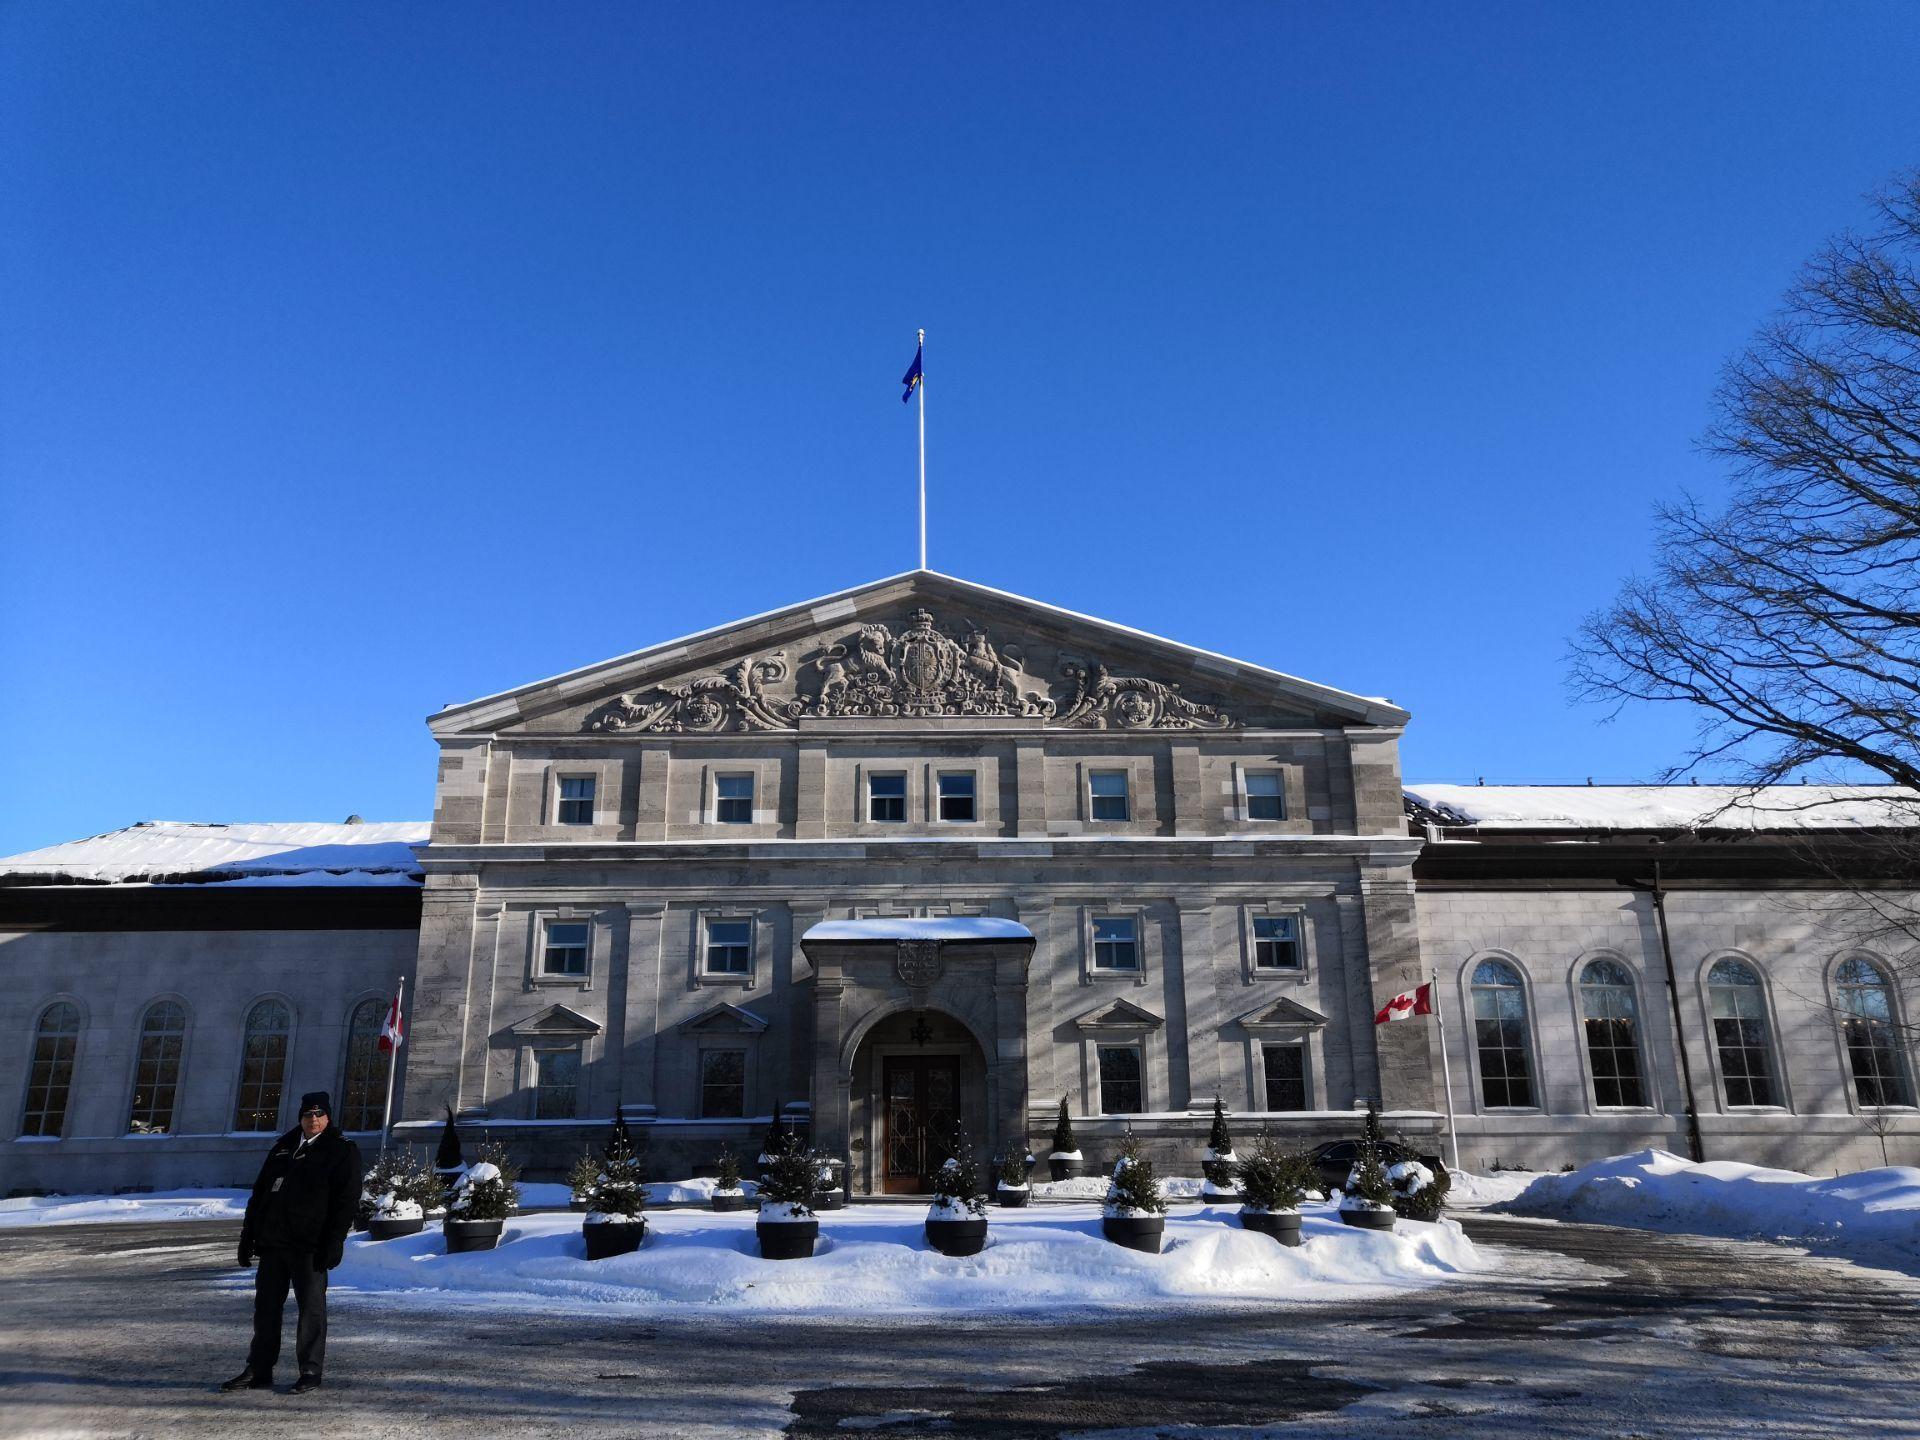 加拿大 渥太华 加拿大总督府